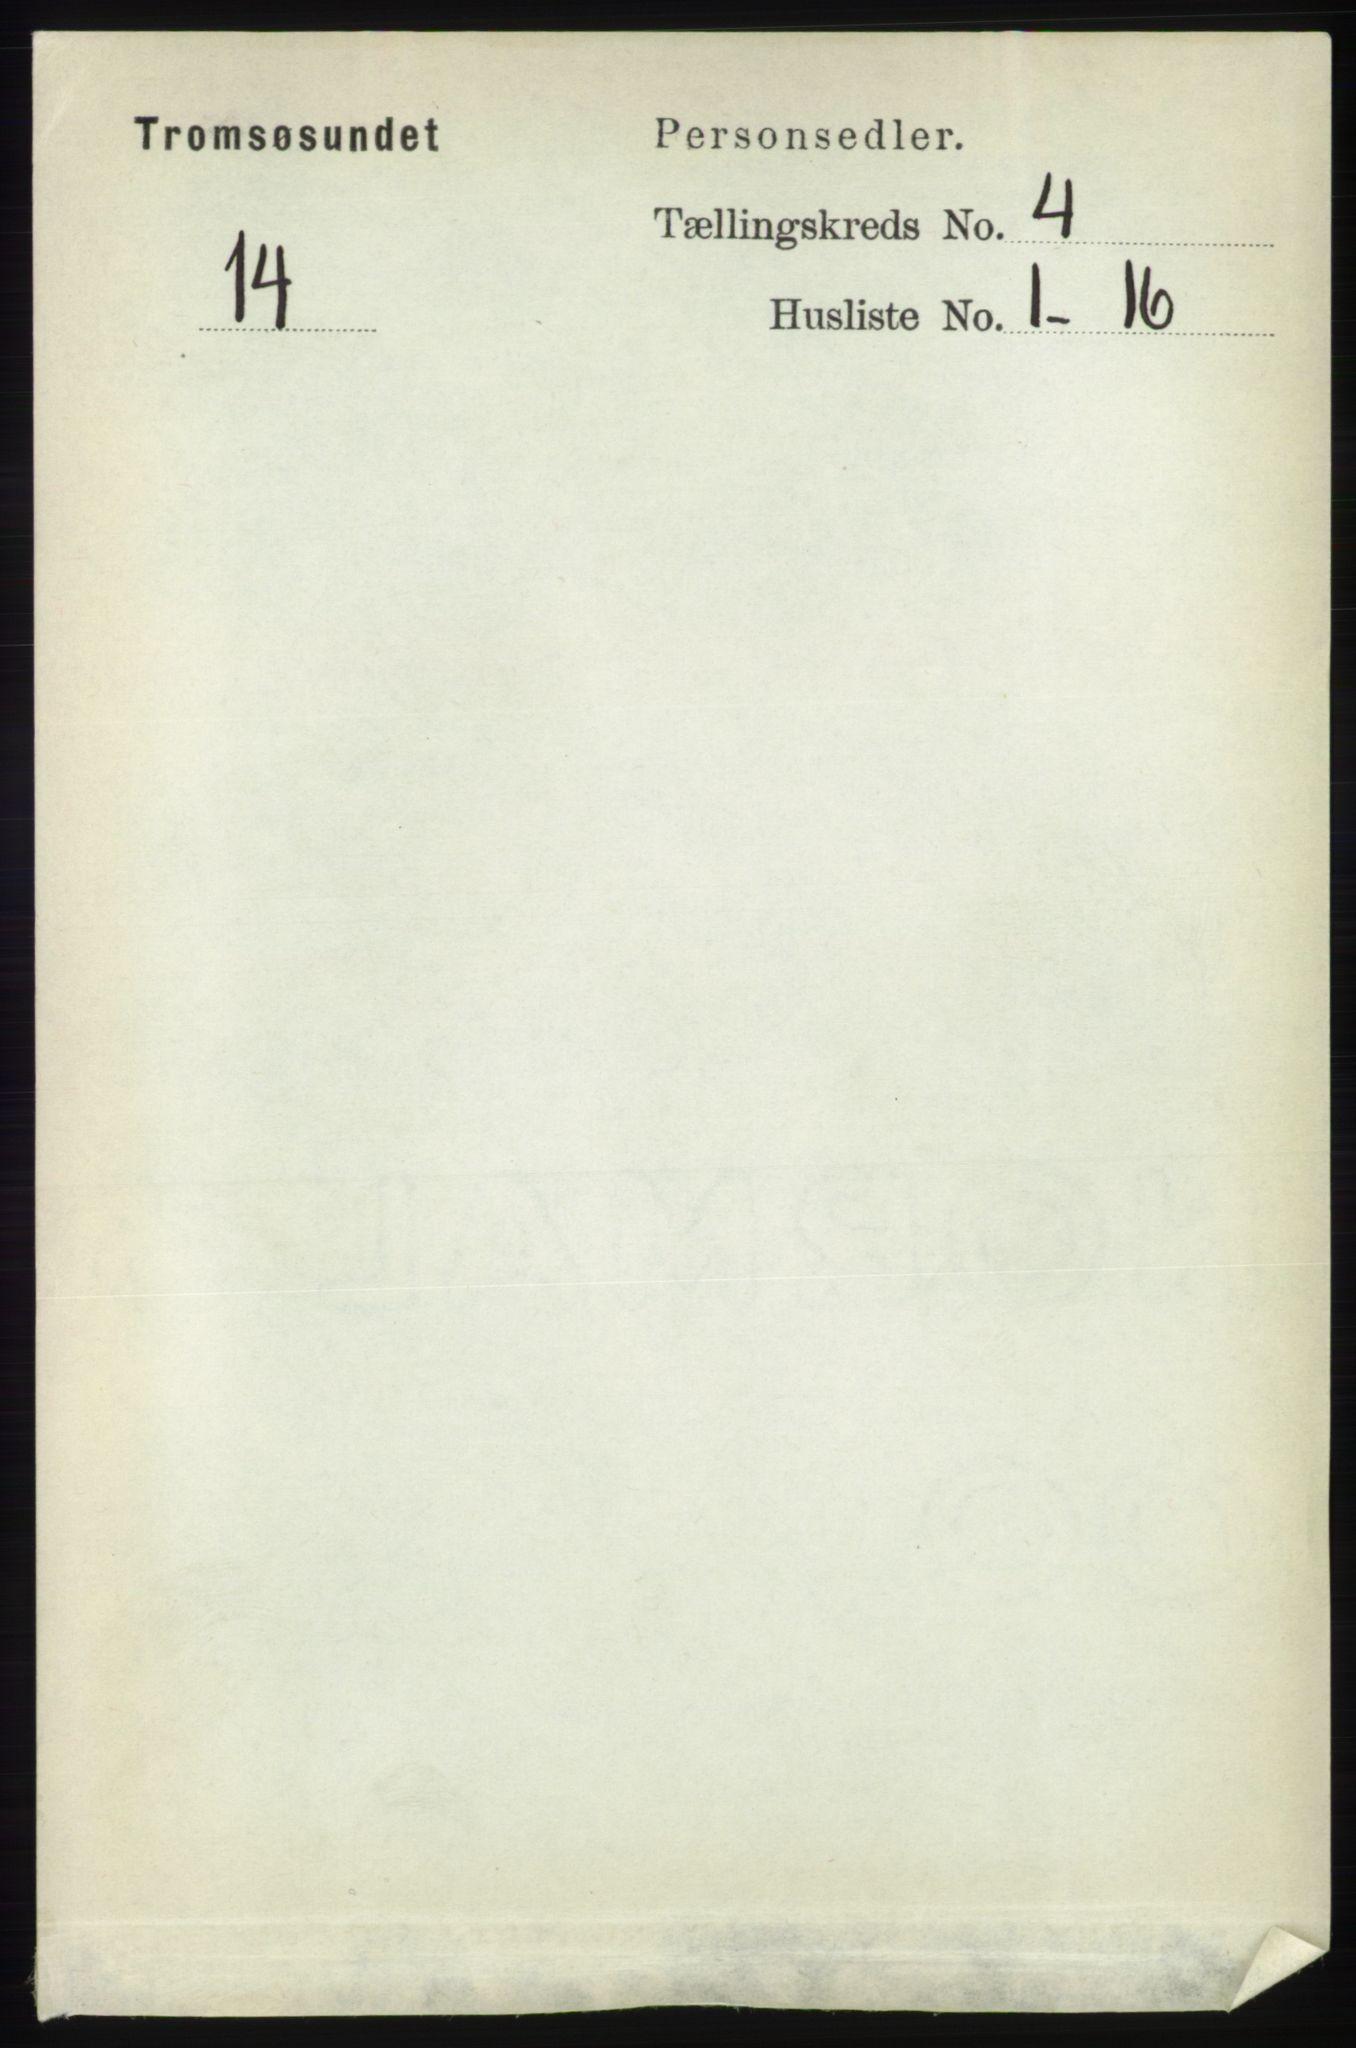 RA, Folketelling 1891 for 1934 Tromsøysund herred, 1891, s. 1547